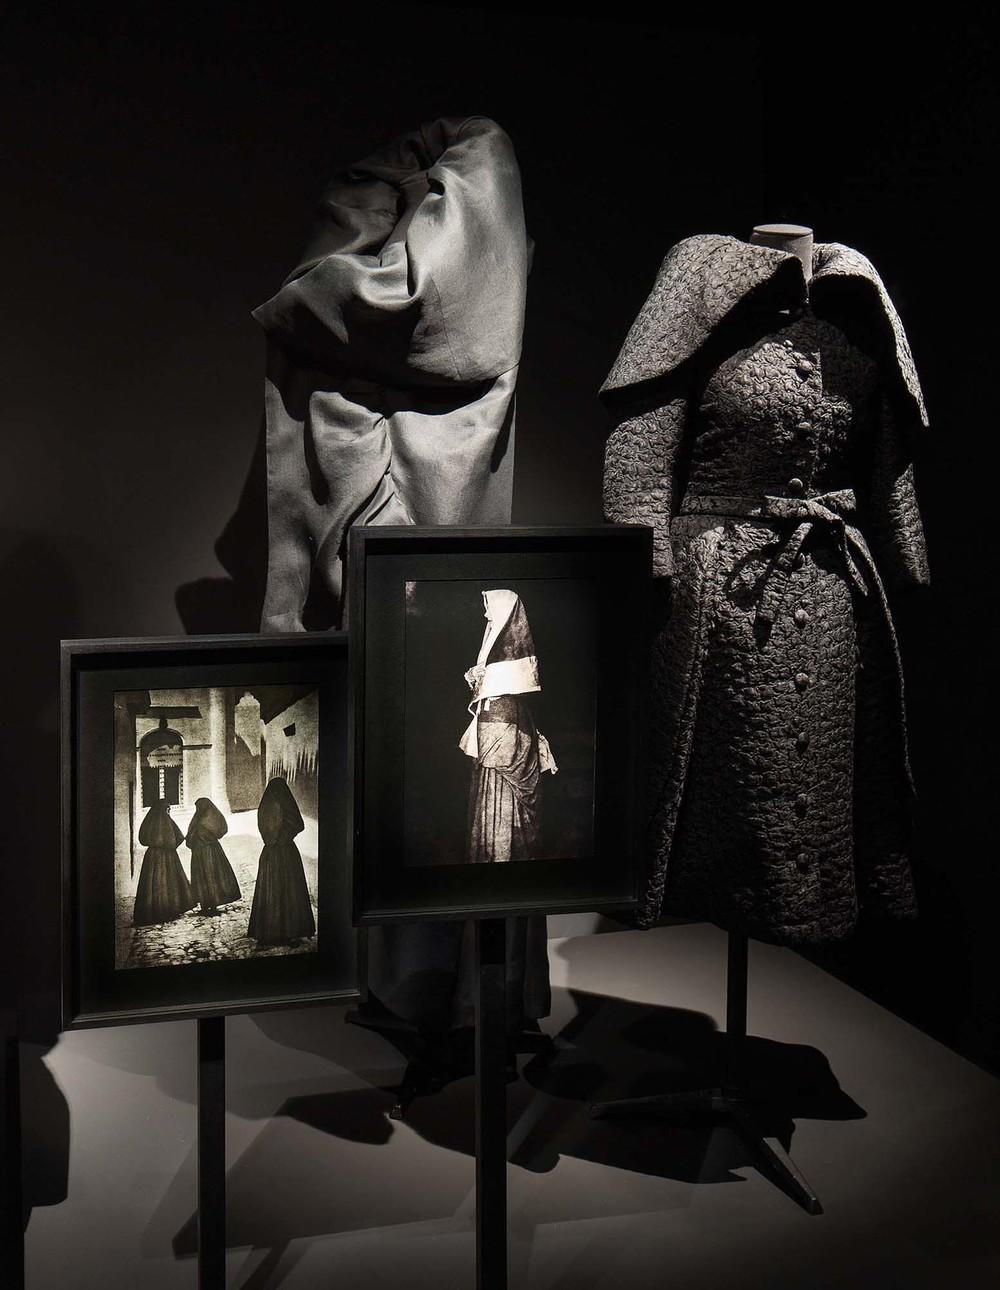 Les Arts Décoratifs, Musée de la Mode, Dries Van Noten, Inspirations, © Luc Boegly, 2014